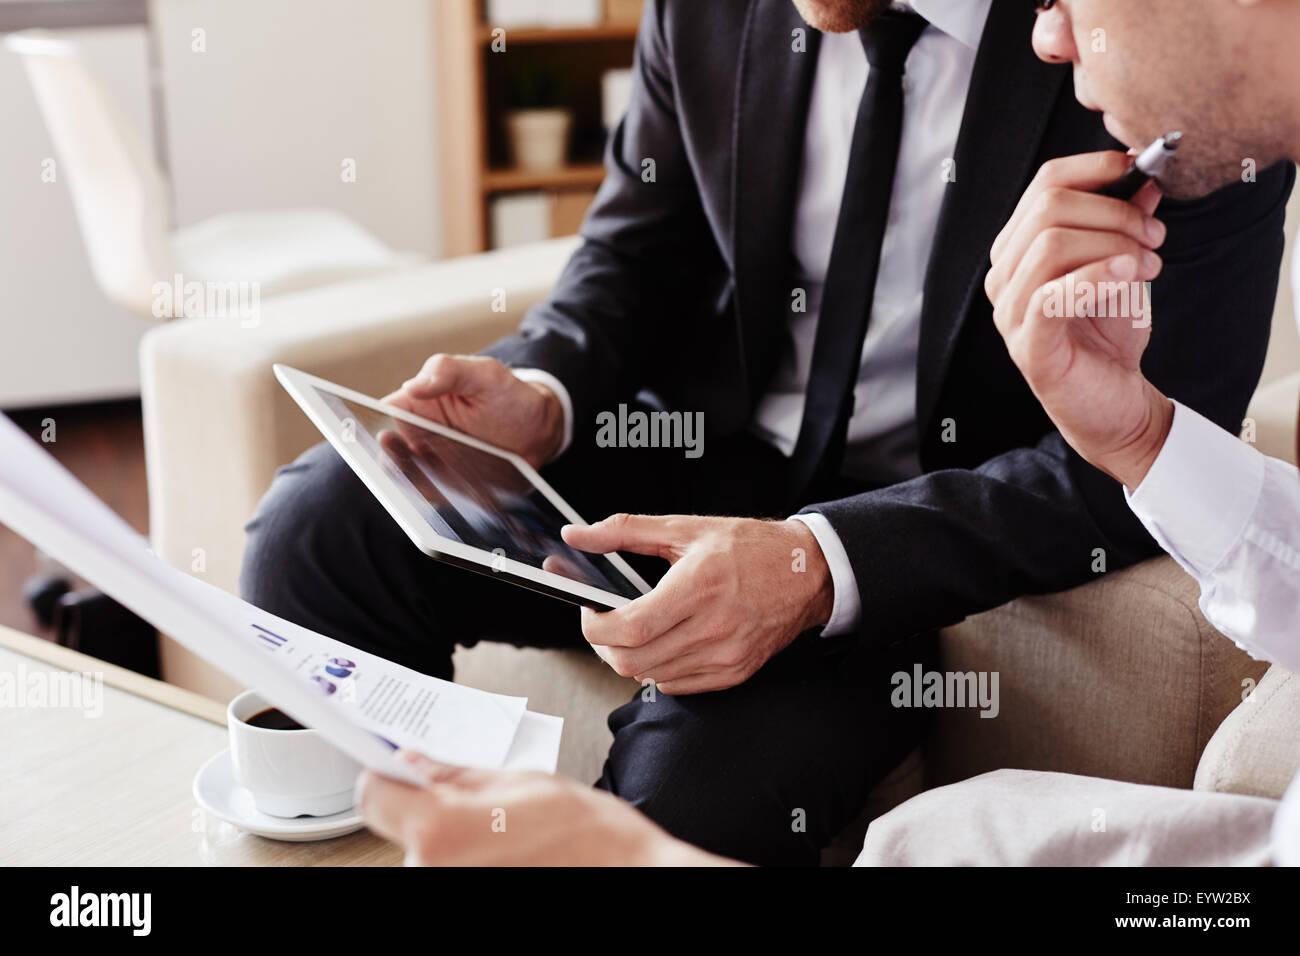 Los empleados de sexo masculino con panel táctil en reunión Imagen De Stock